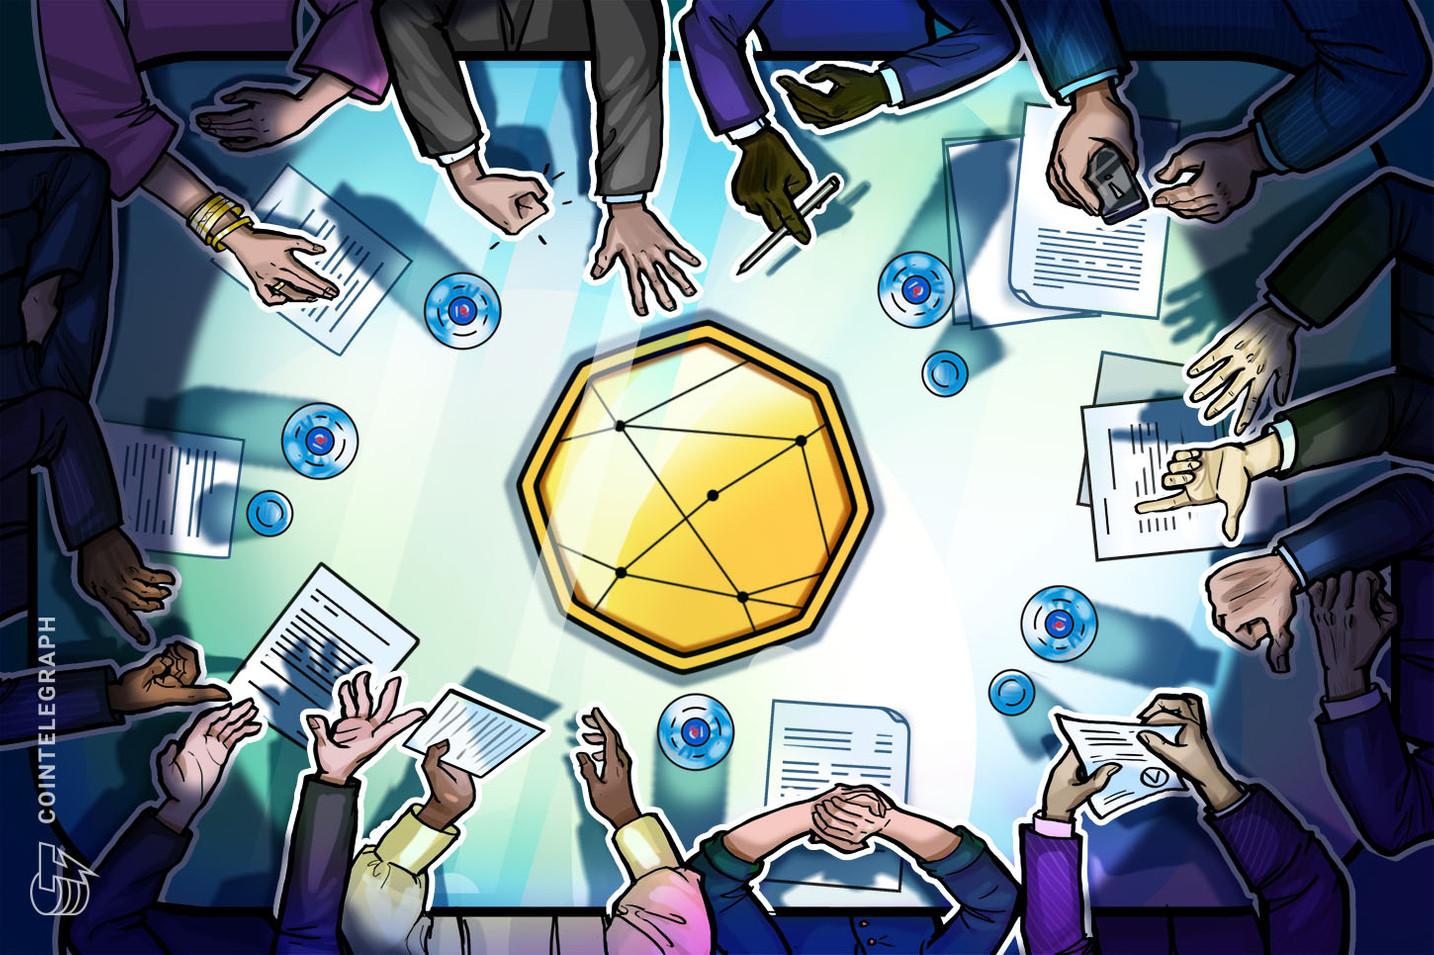 Teilerfolg – US-Behörde verschiebt umstrittenes Krypto-Gesetz bis zum Regierungswechsel